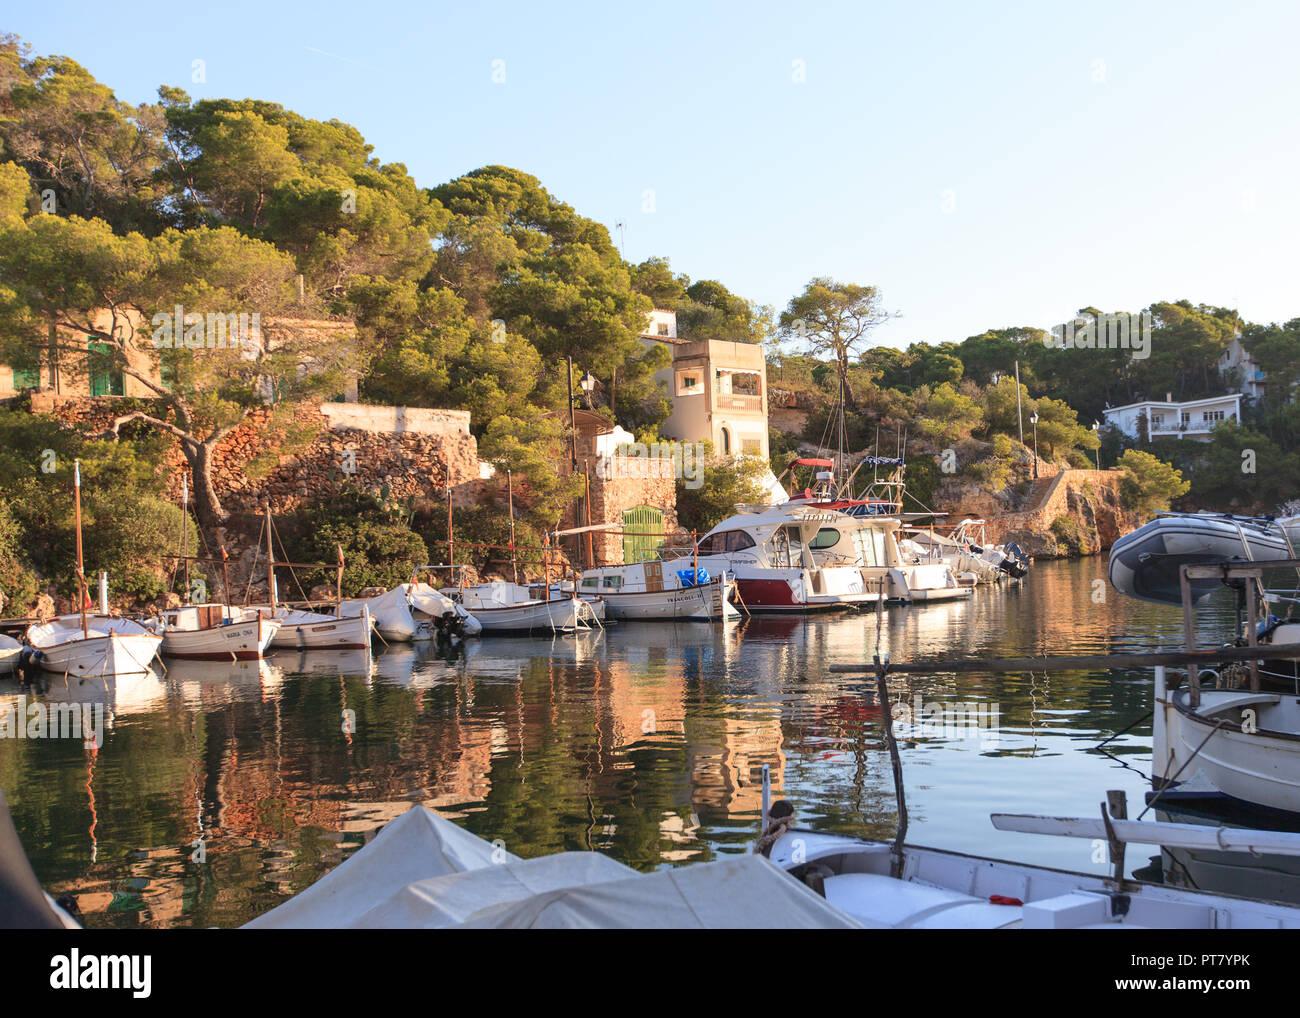 Morgens im Hafen von Cala Figuera,Santanyi, Europa, Spanien, Mallorca, Cala Figuera, Santanyi, Balearen, Spanien, Mittelmeer, - Stock Image